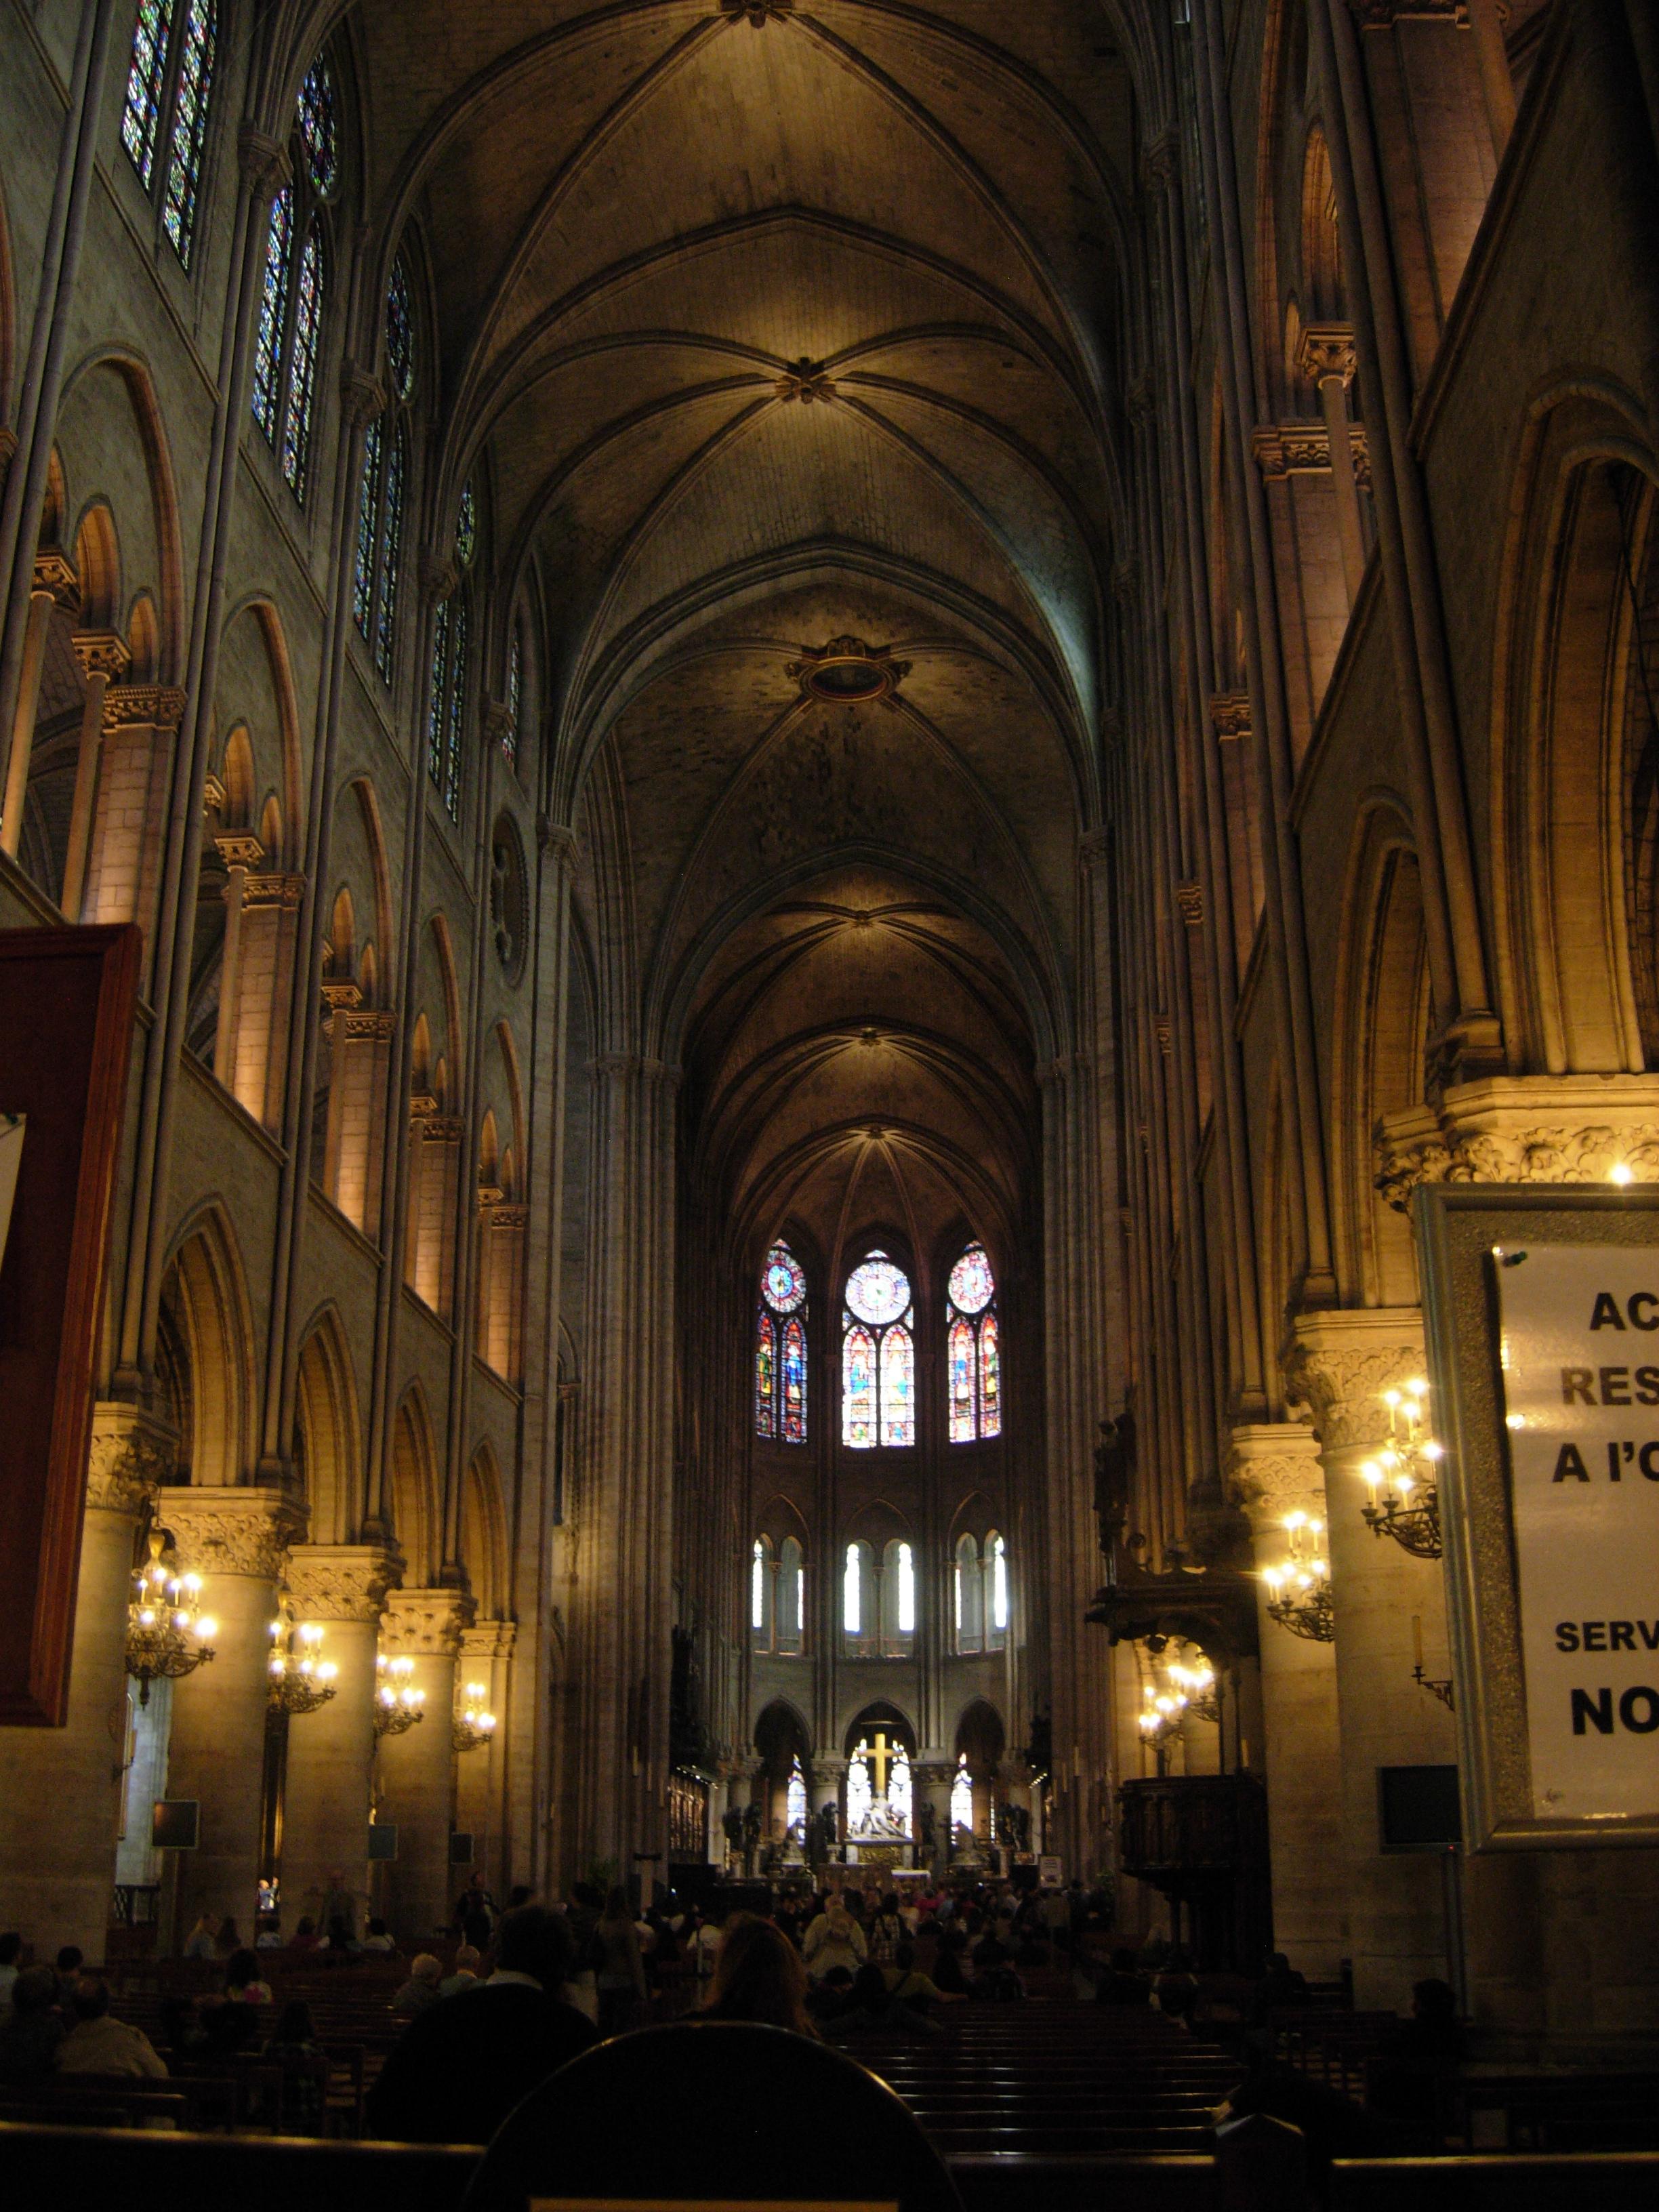 文化巴黎的魅力——卢浮宫、凯旋门……_图1-13